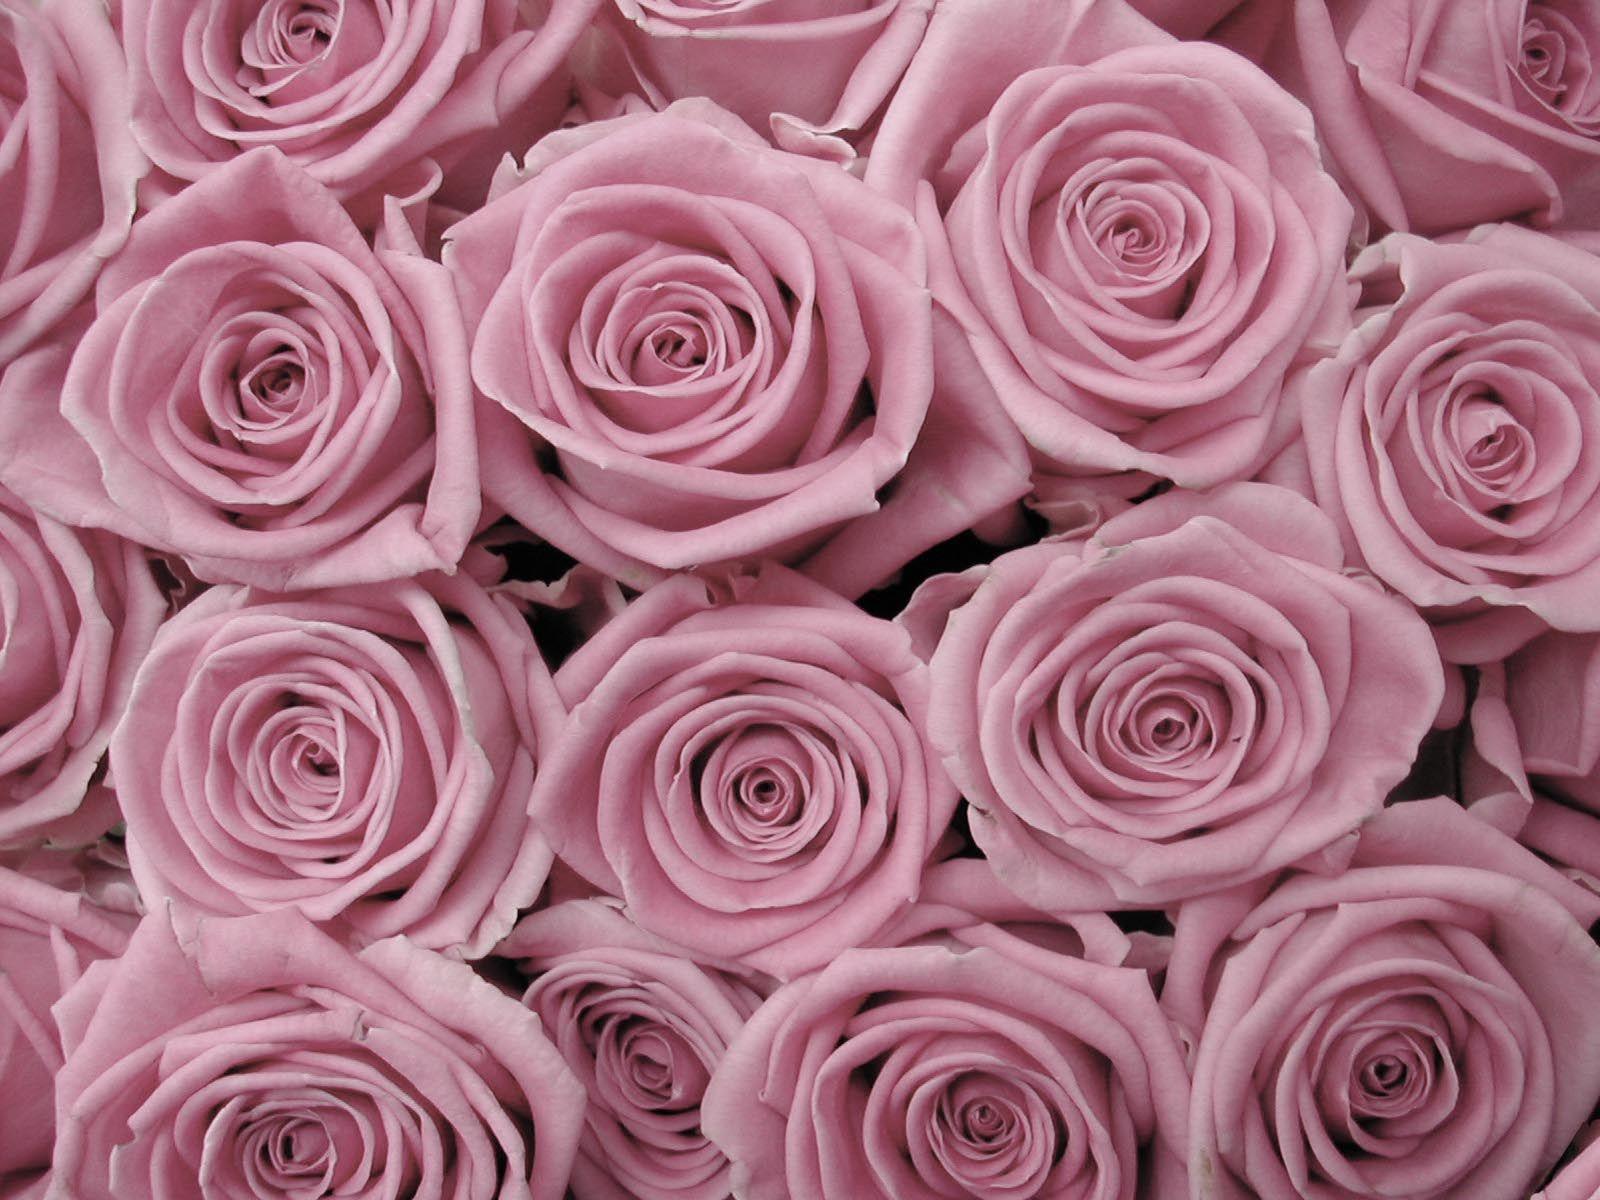 Rose-Background-tumblr-1.jpg (1600×1200) | Roses | Pinterest